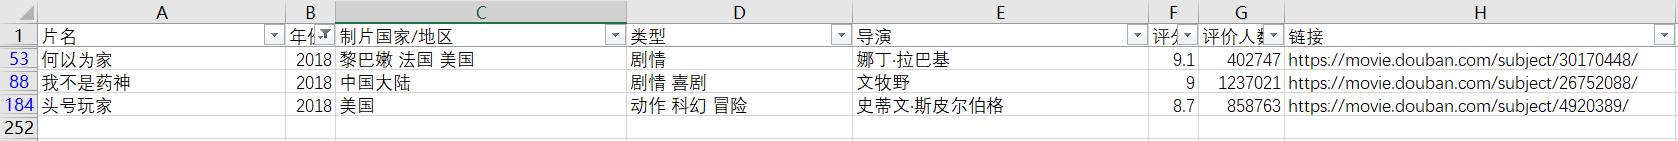 douban_top_250.png